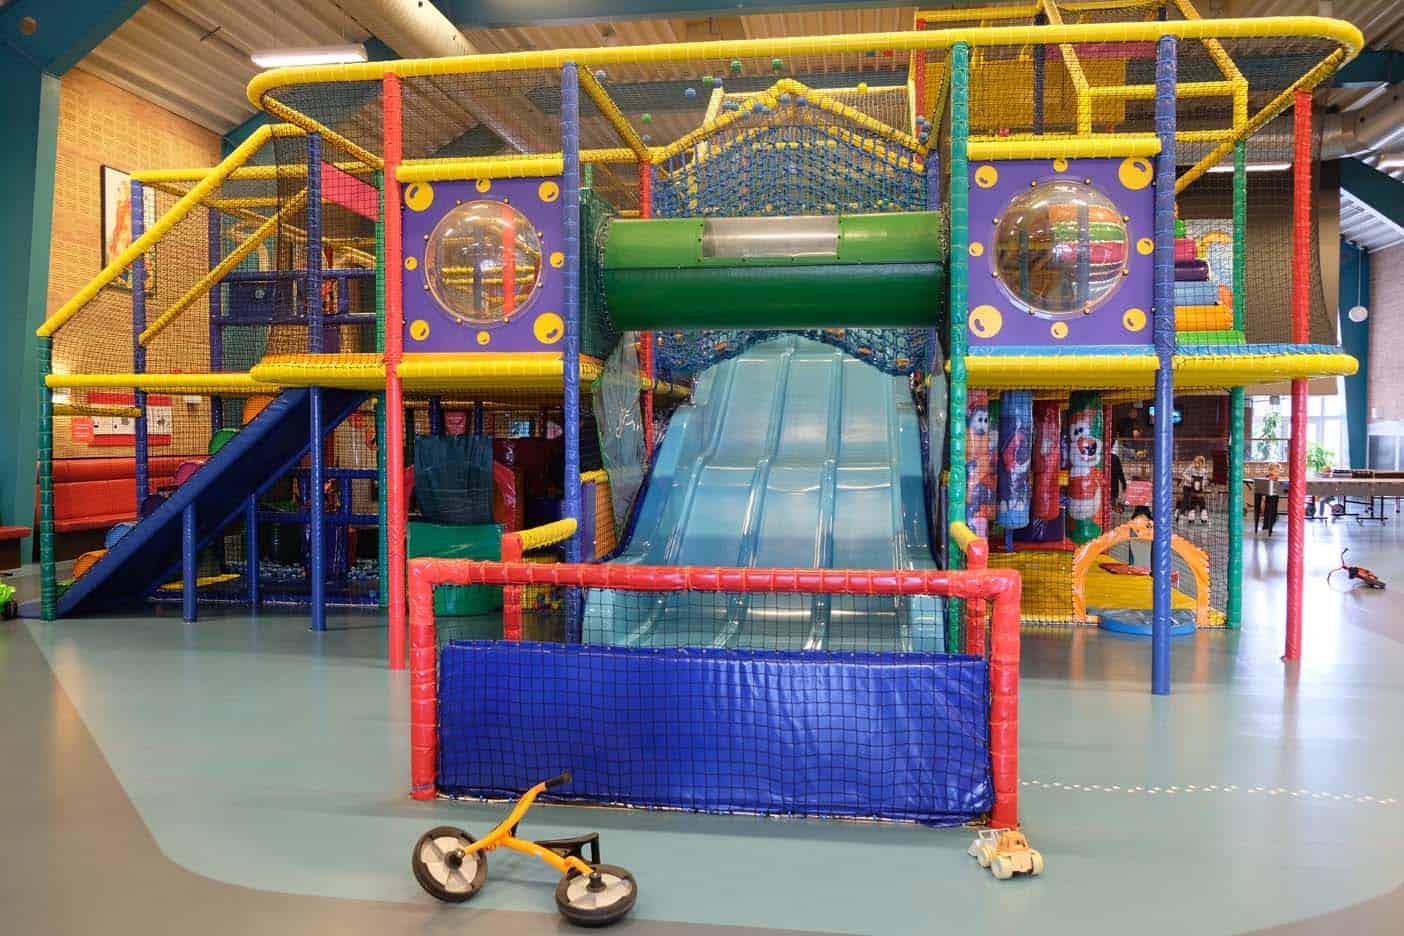 skallerup seaside resort indoor speeltuin